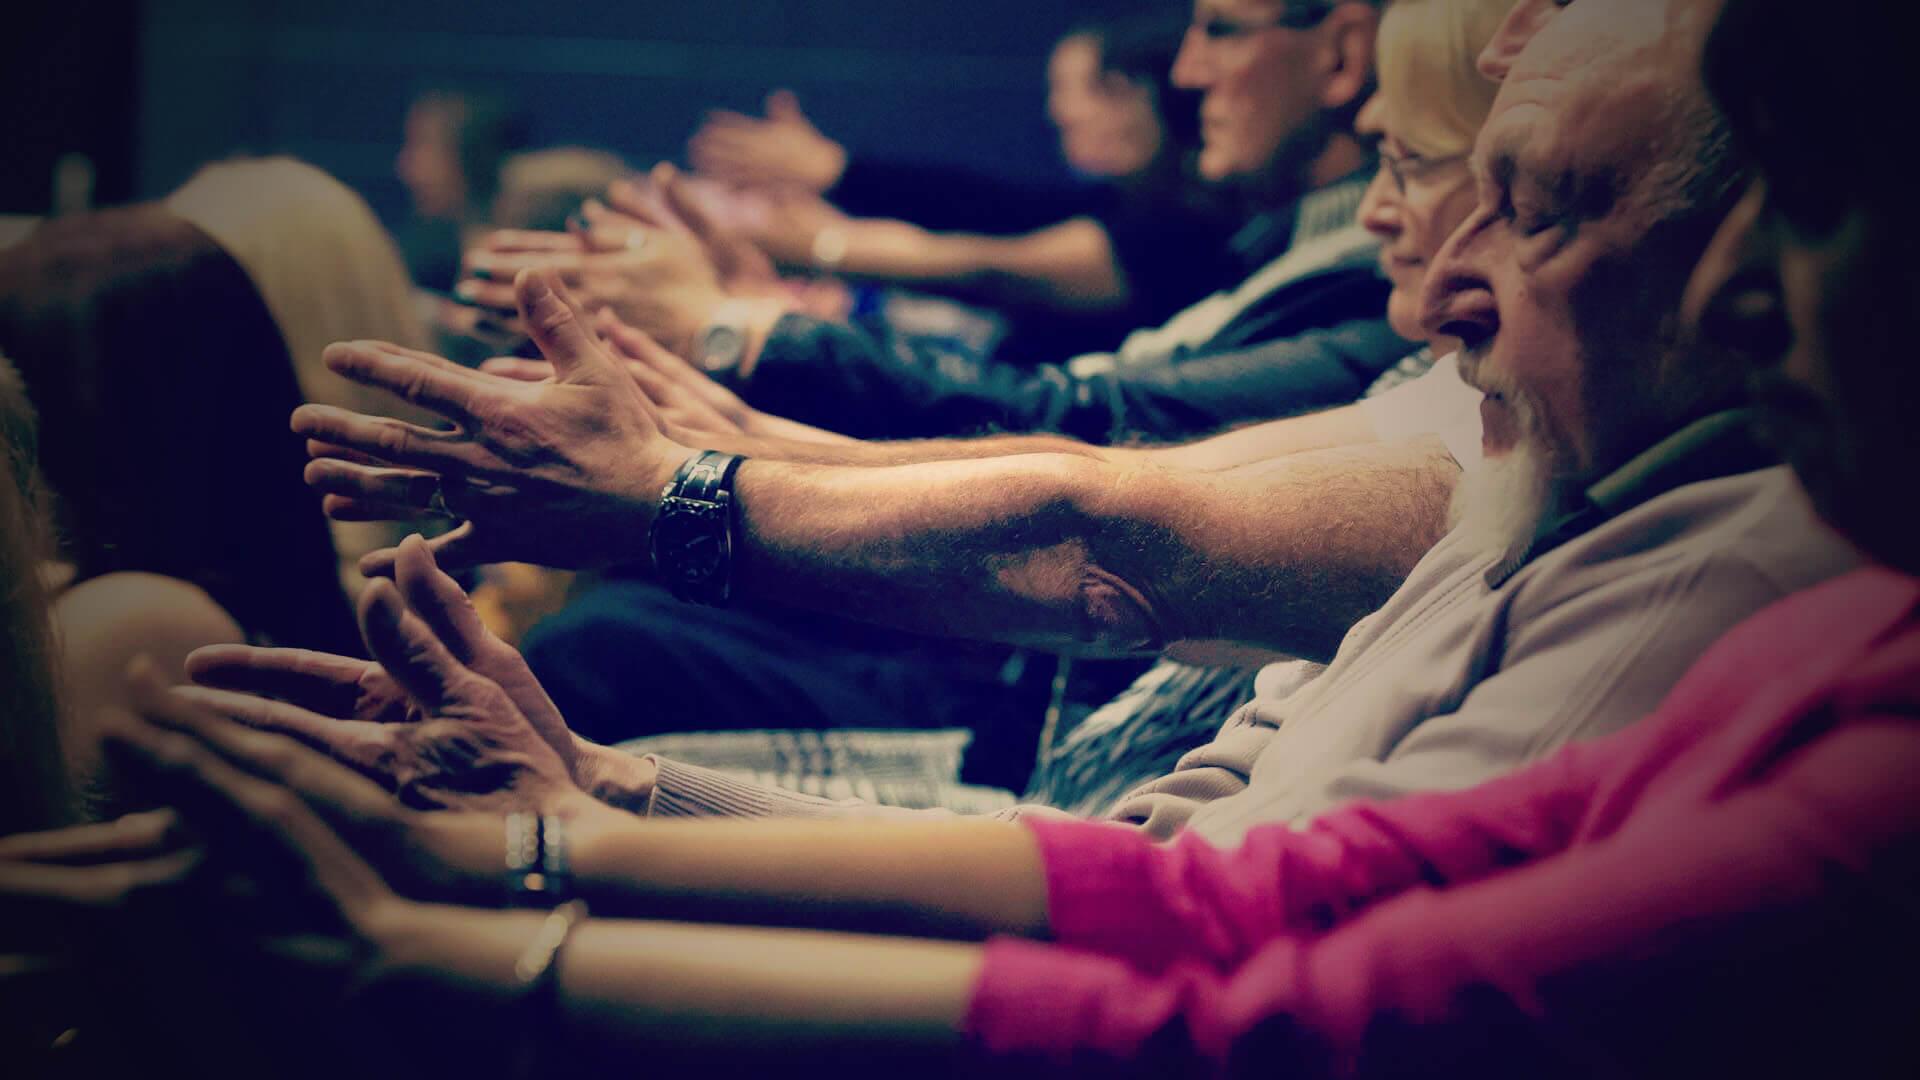 audience being hypnotised by manchester hypnotist aaron calvert